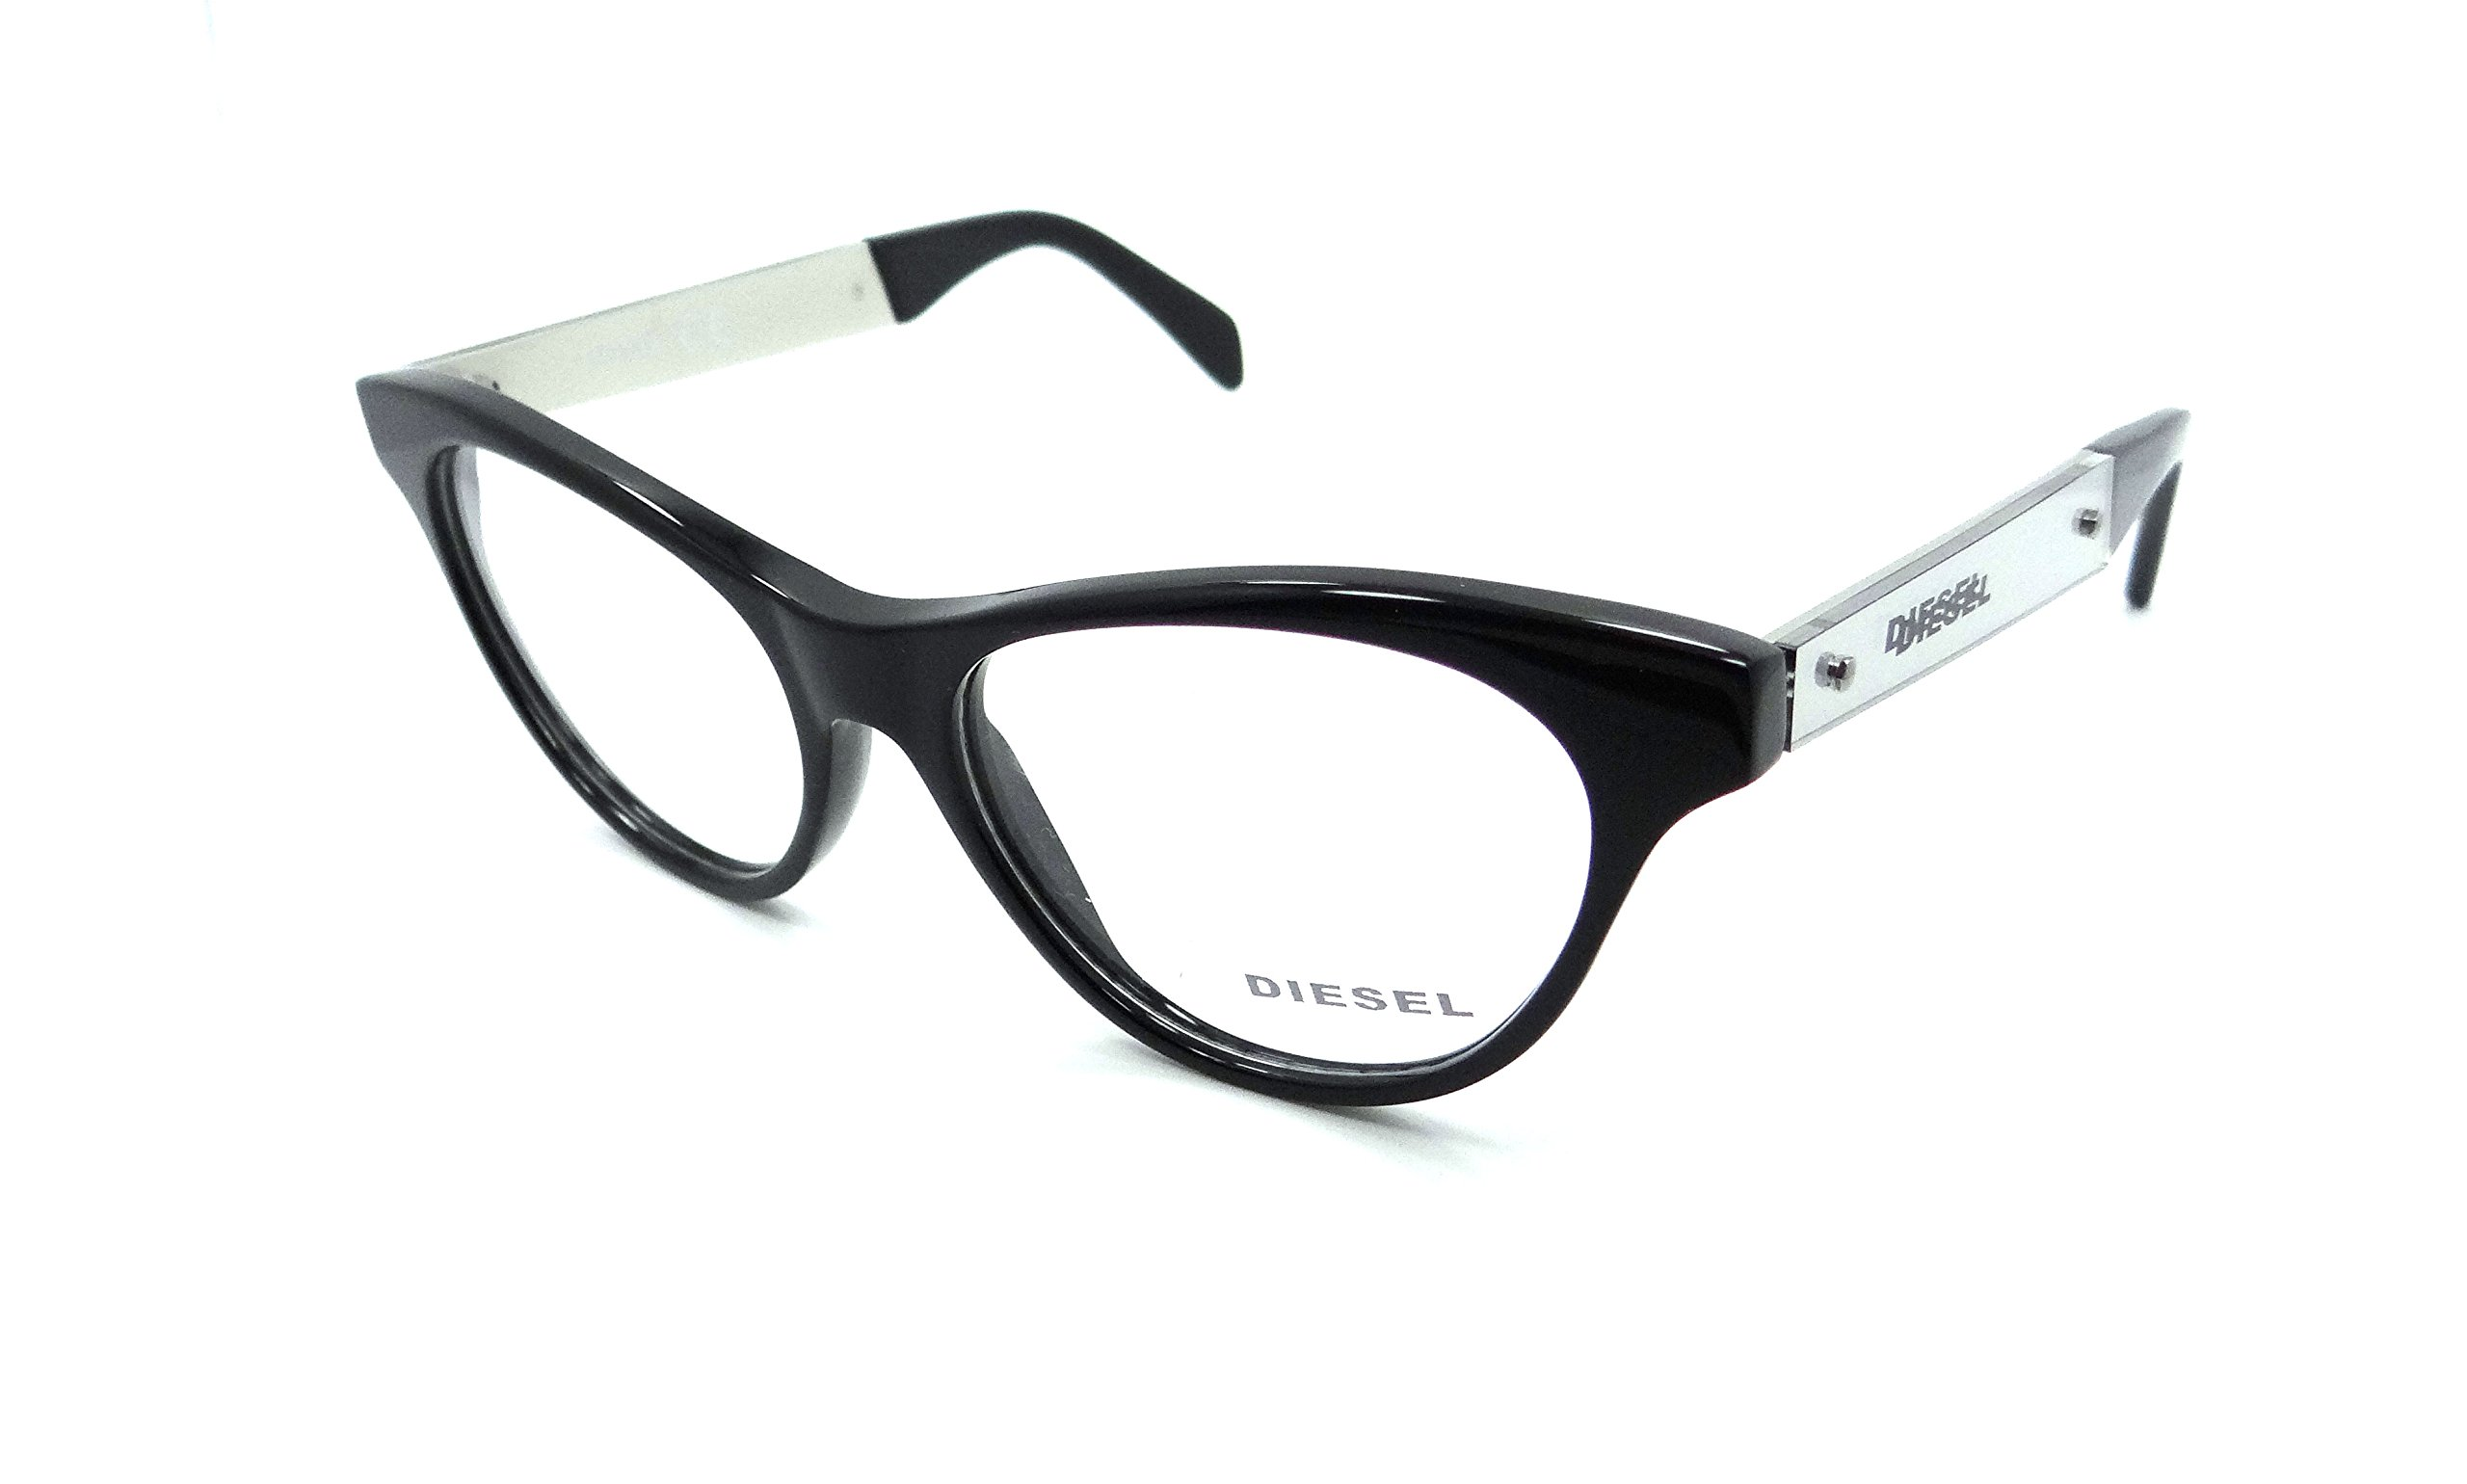 Diesel Rx Eyeglasses Frames DL5059 001 52-16-140 Shiny Black by Diesel